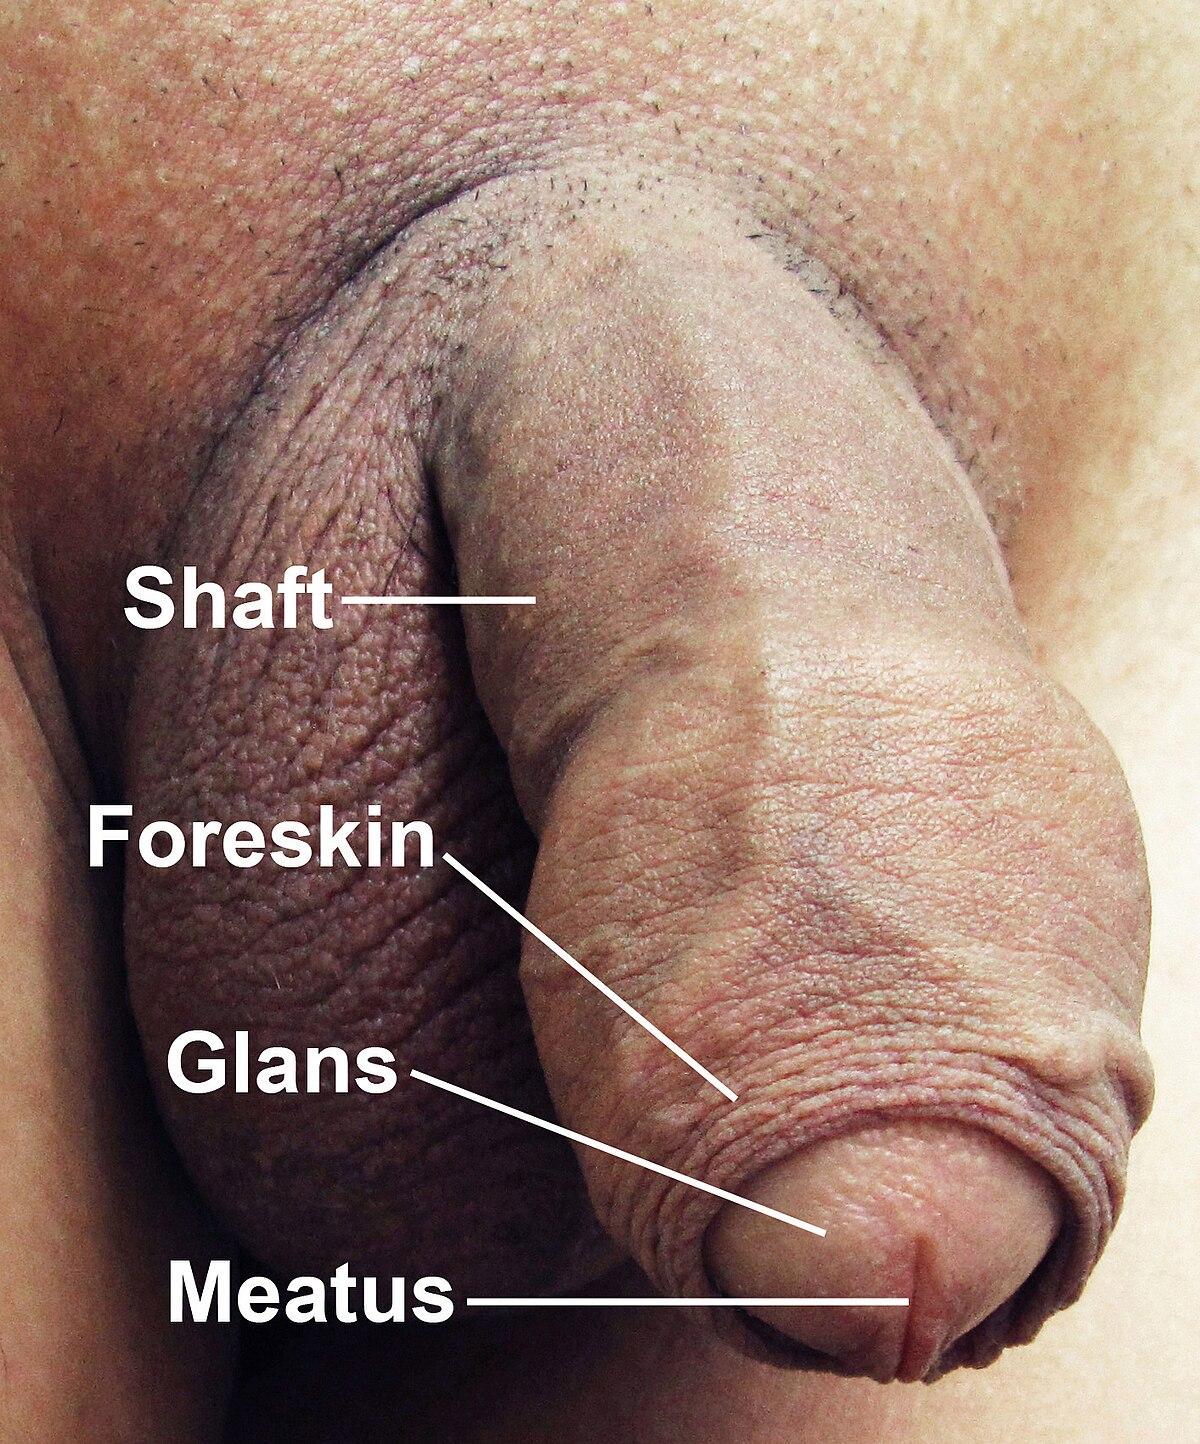 Am un penis de 30 cm care este numele bolii dacă nu există erecție